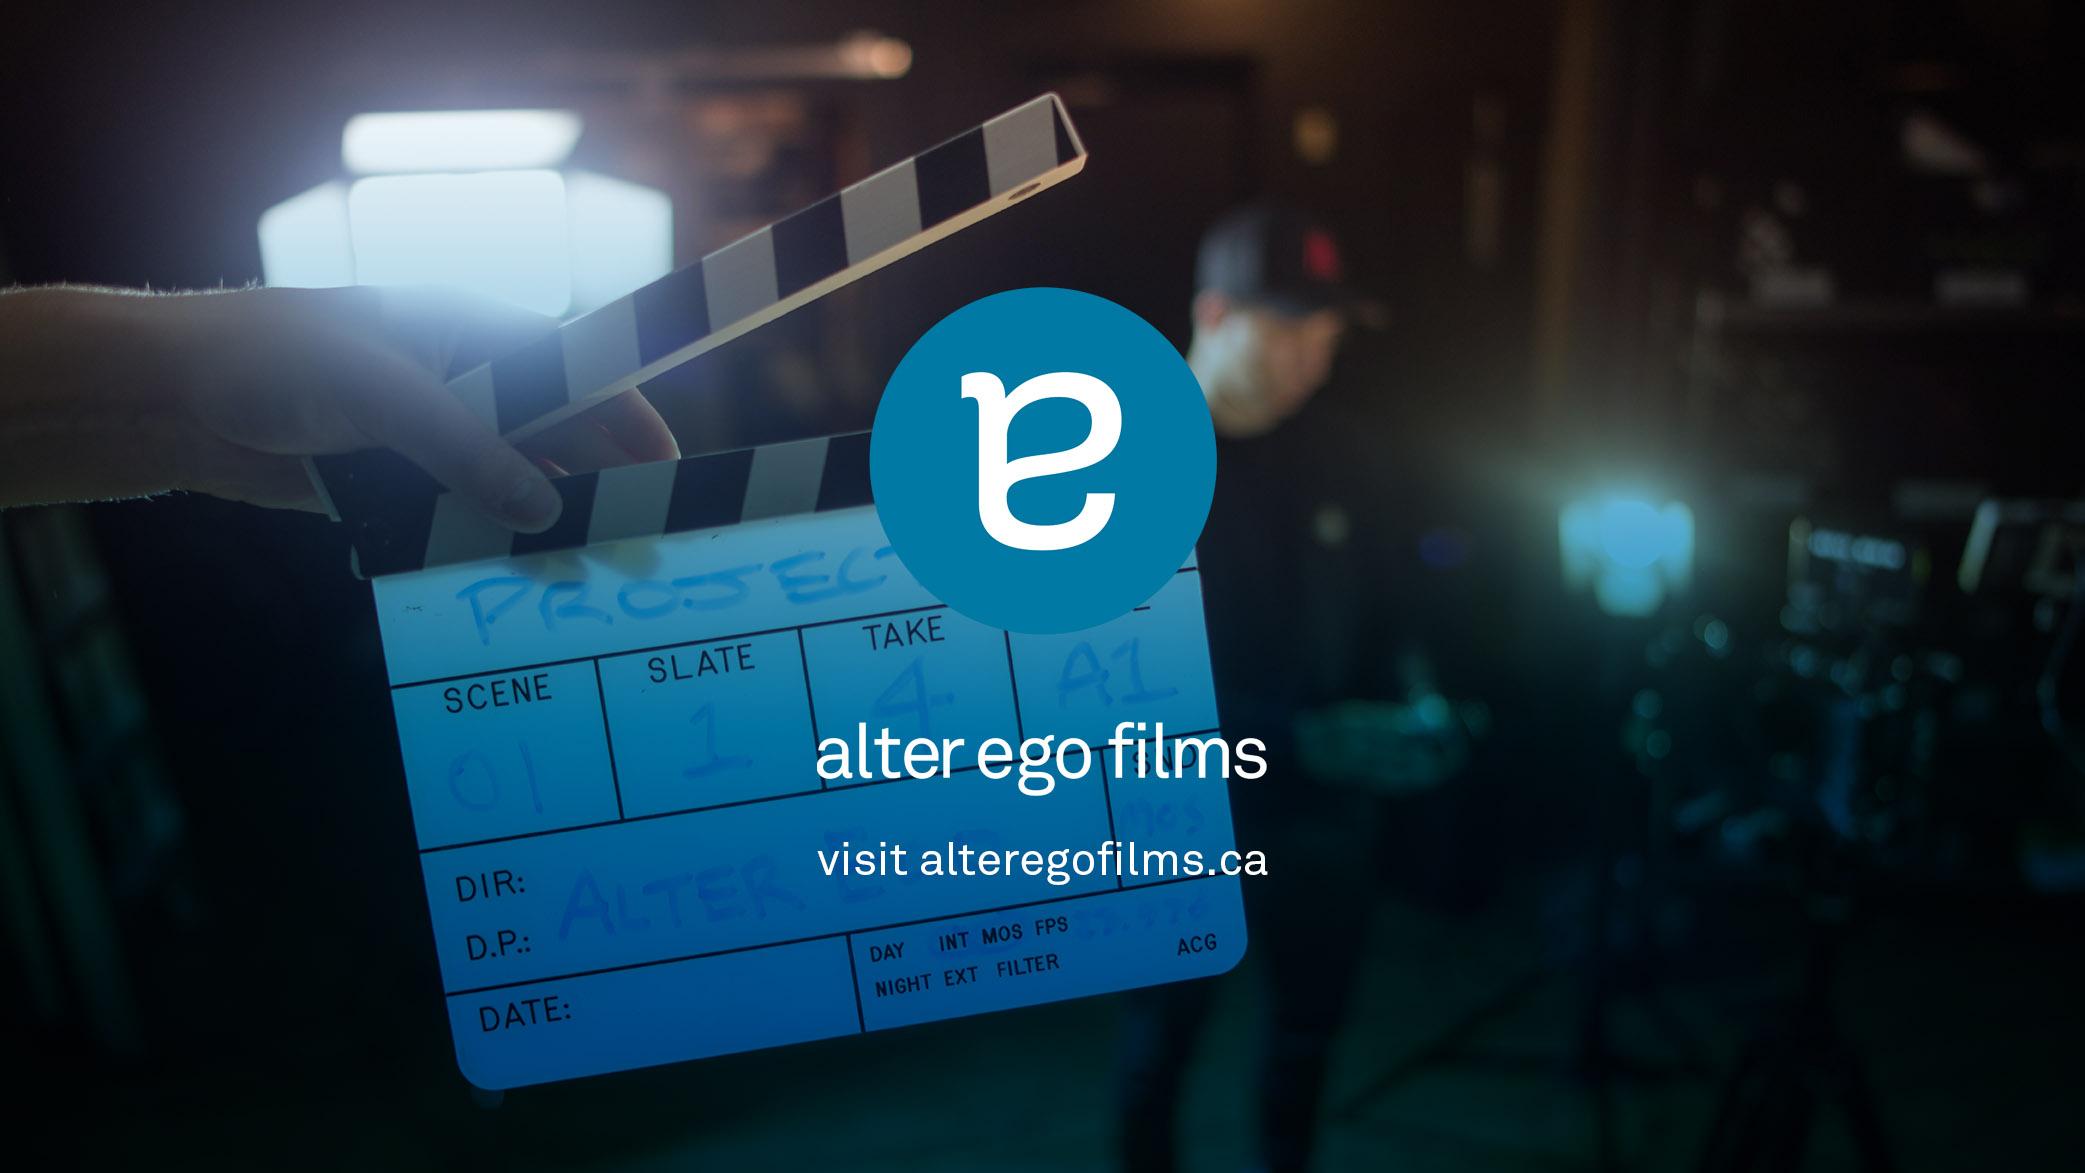 Link to alter ego films